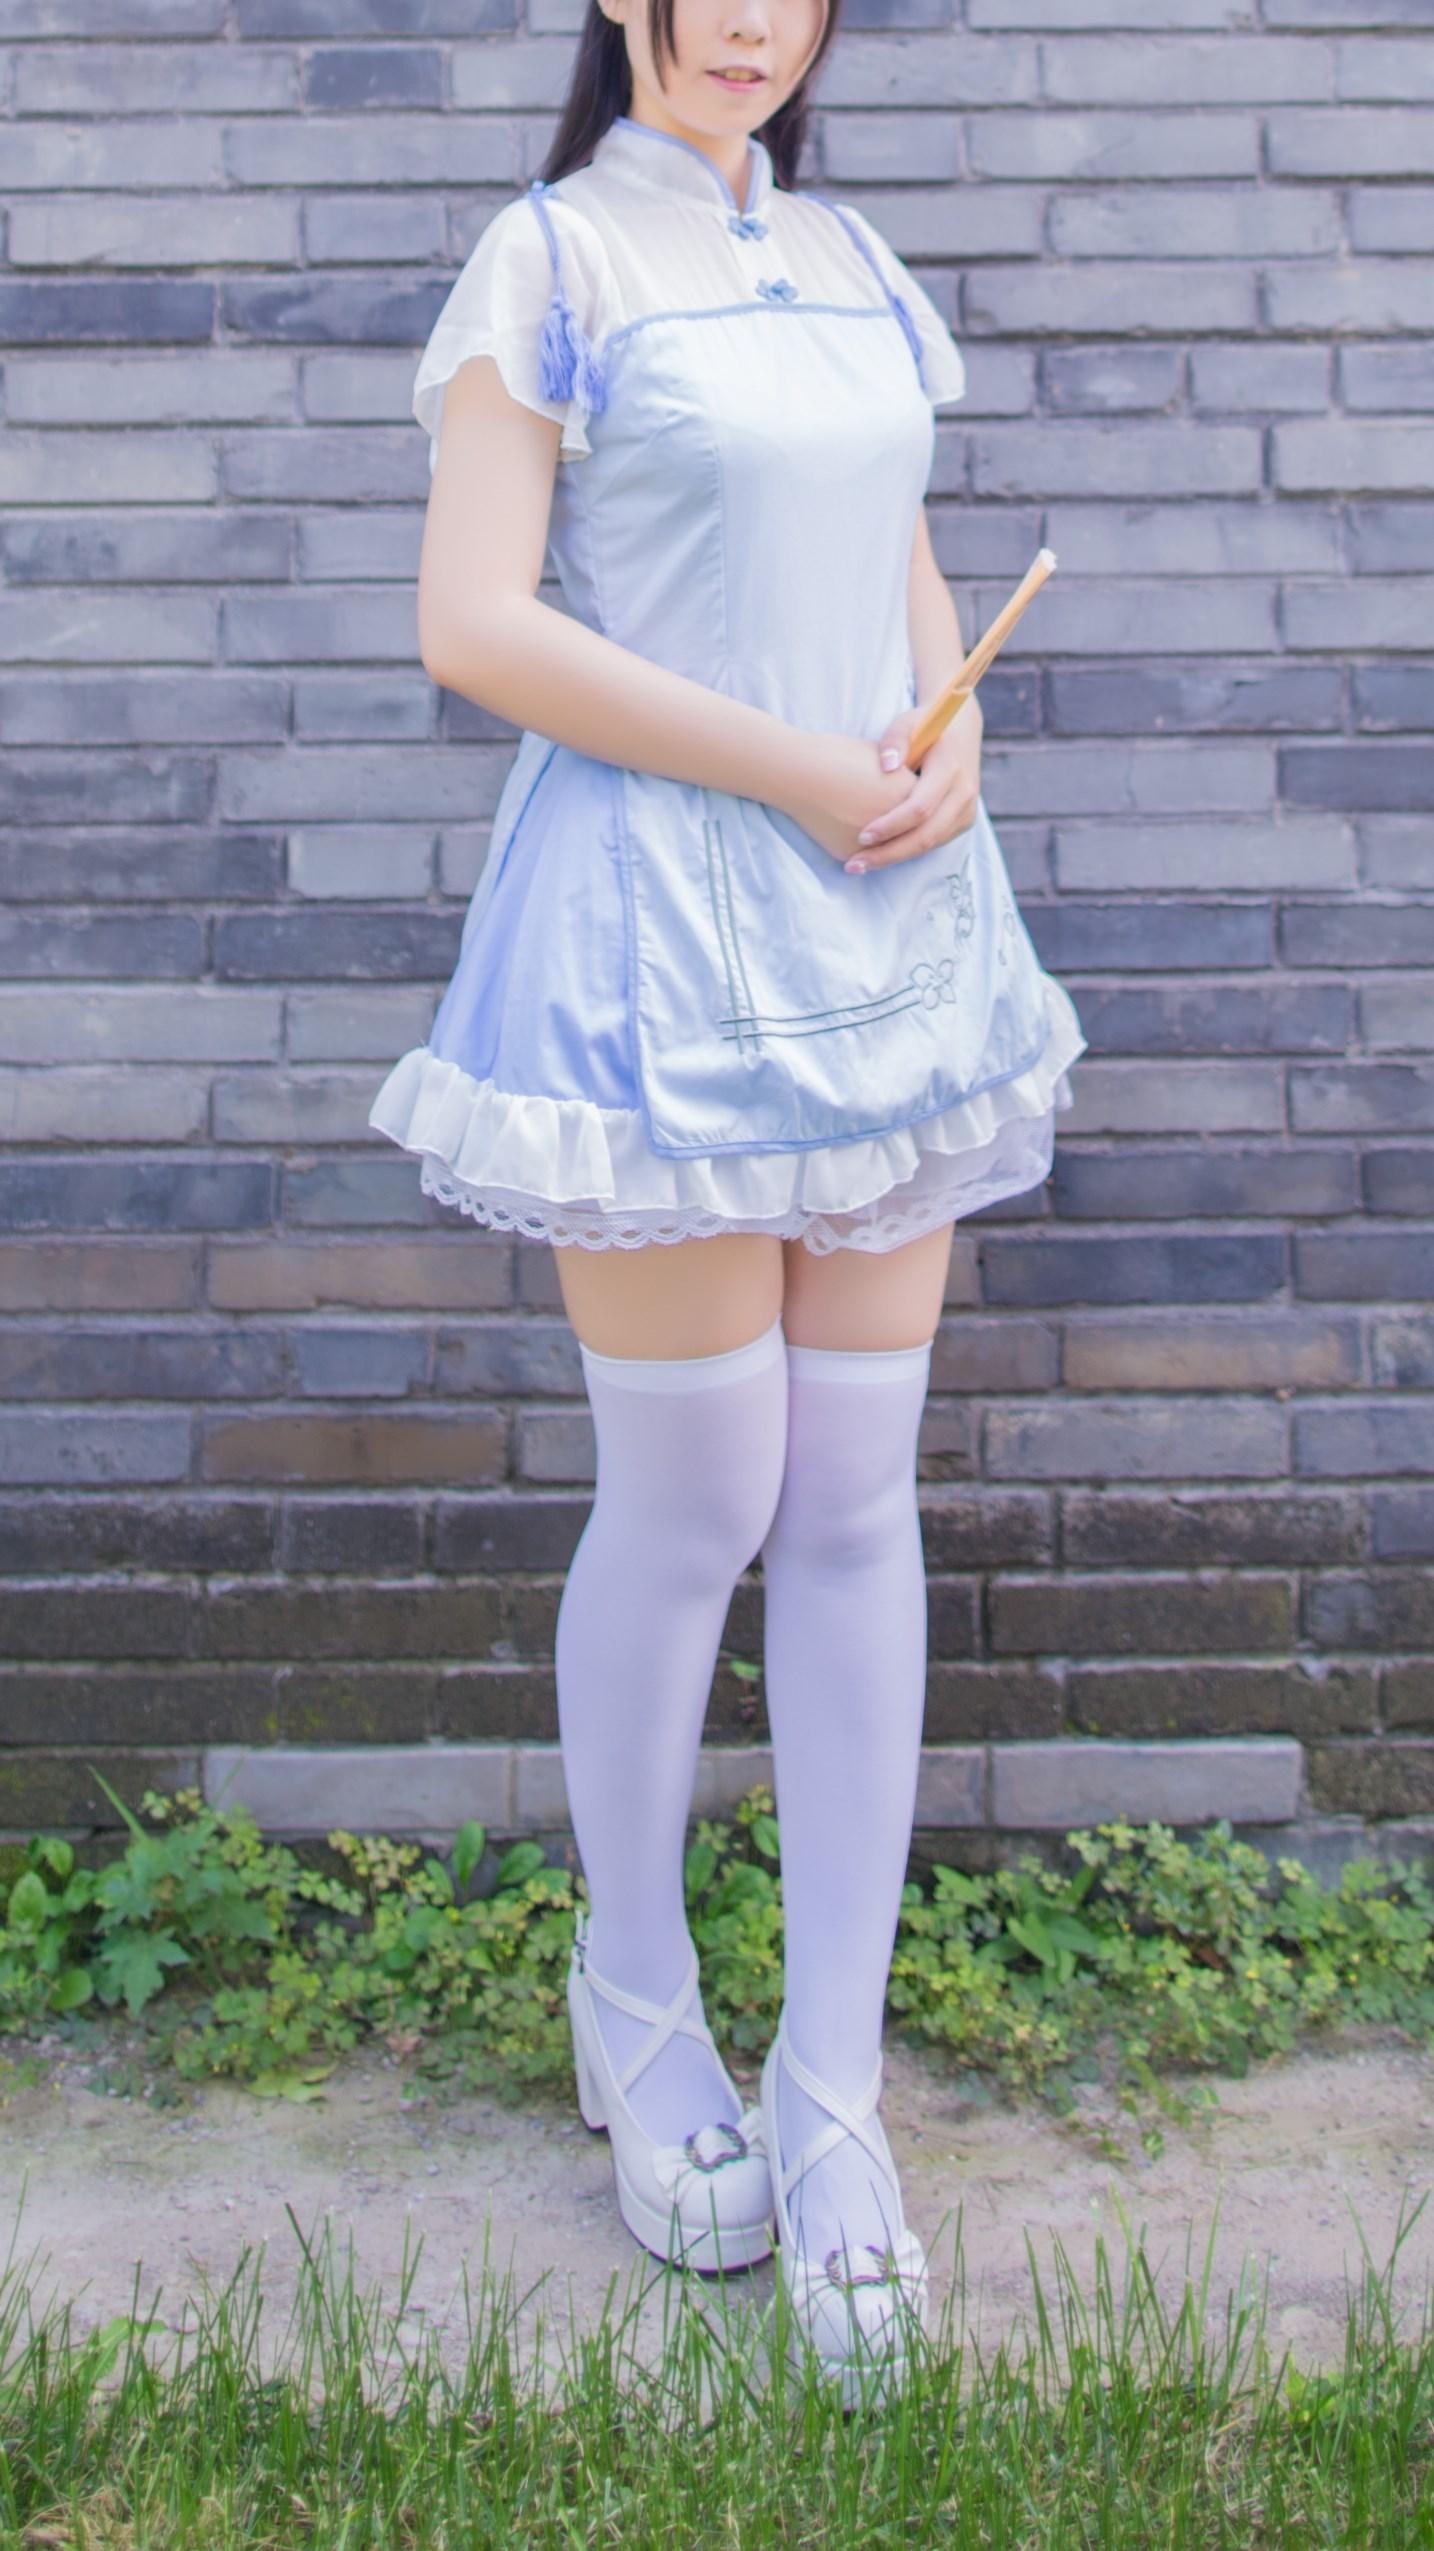 【兔玩映画】白丝旗袍 兔玩映画 第6张